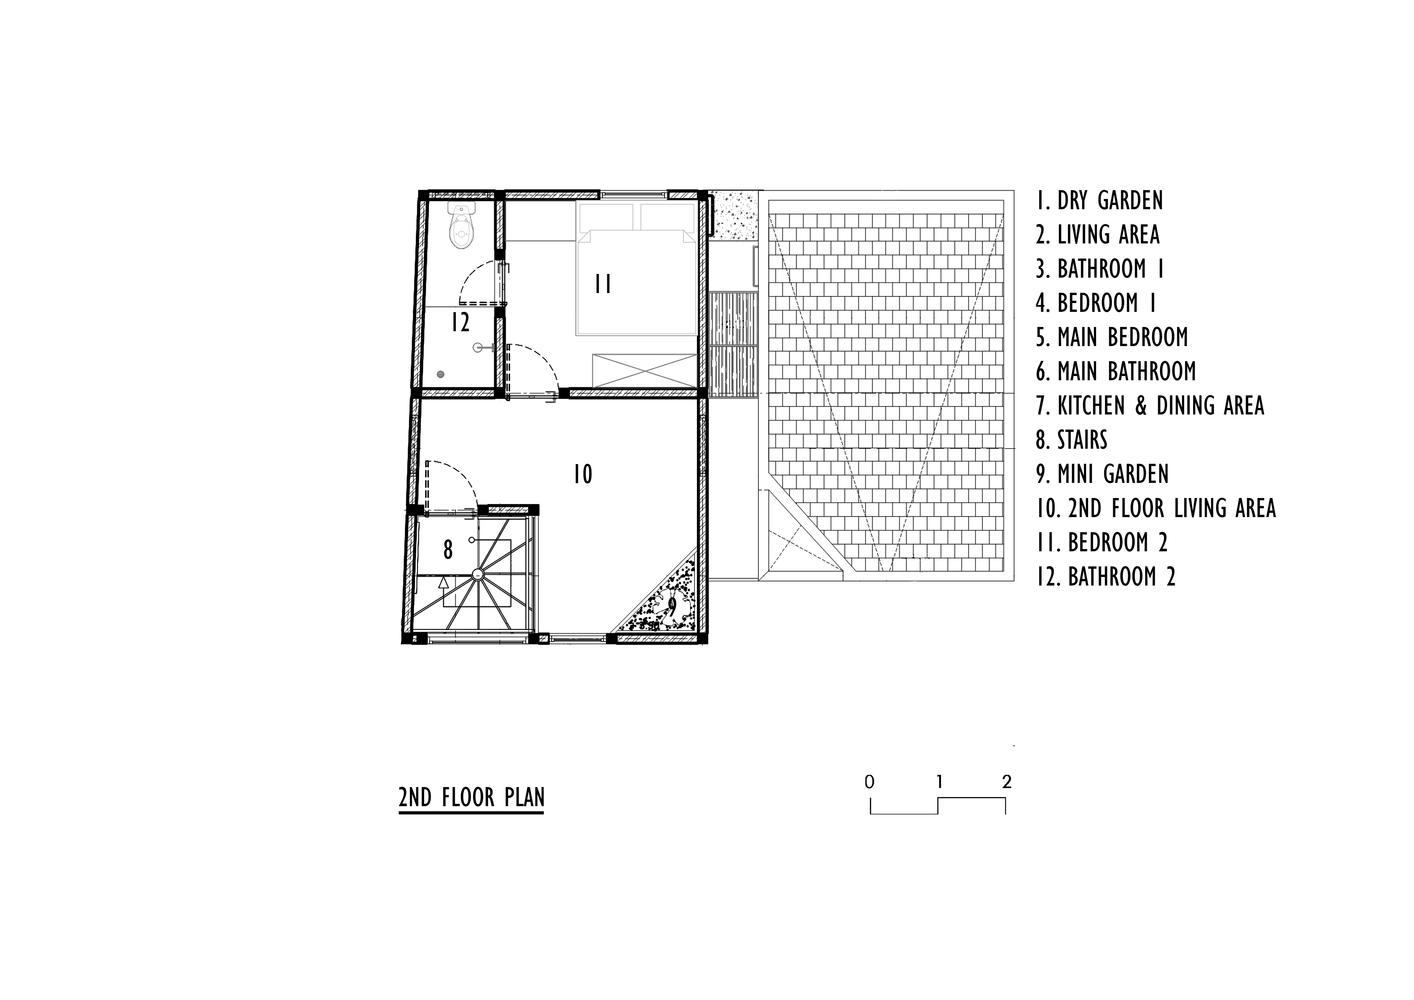 Denah lantai 1 dan 2 (Sumber: archdaily.com)